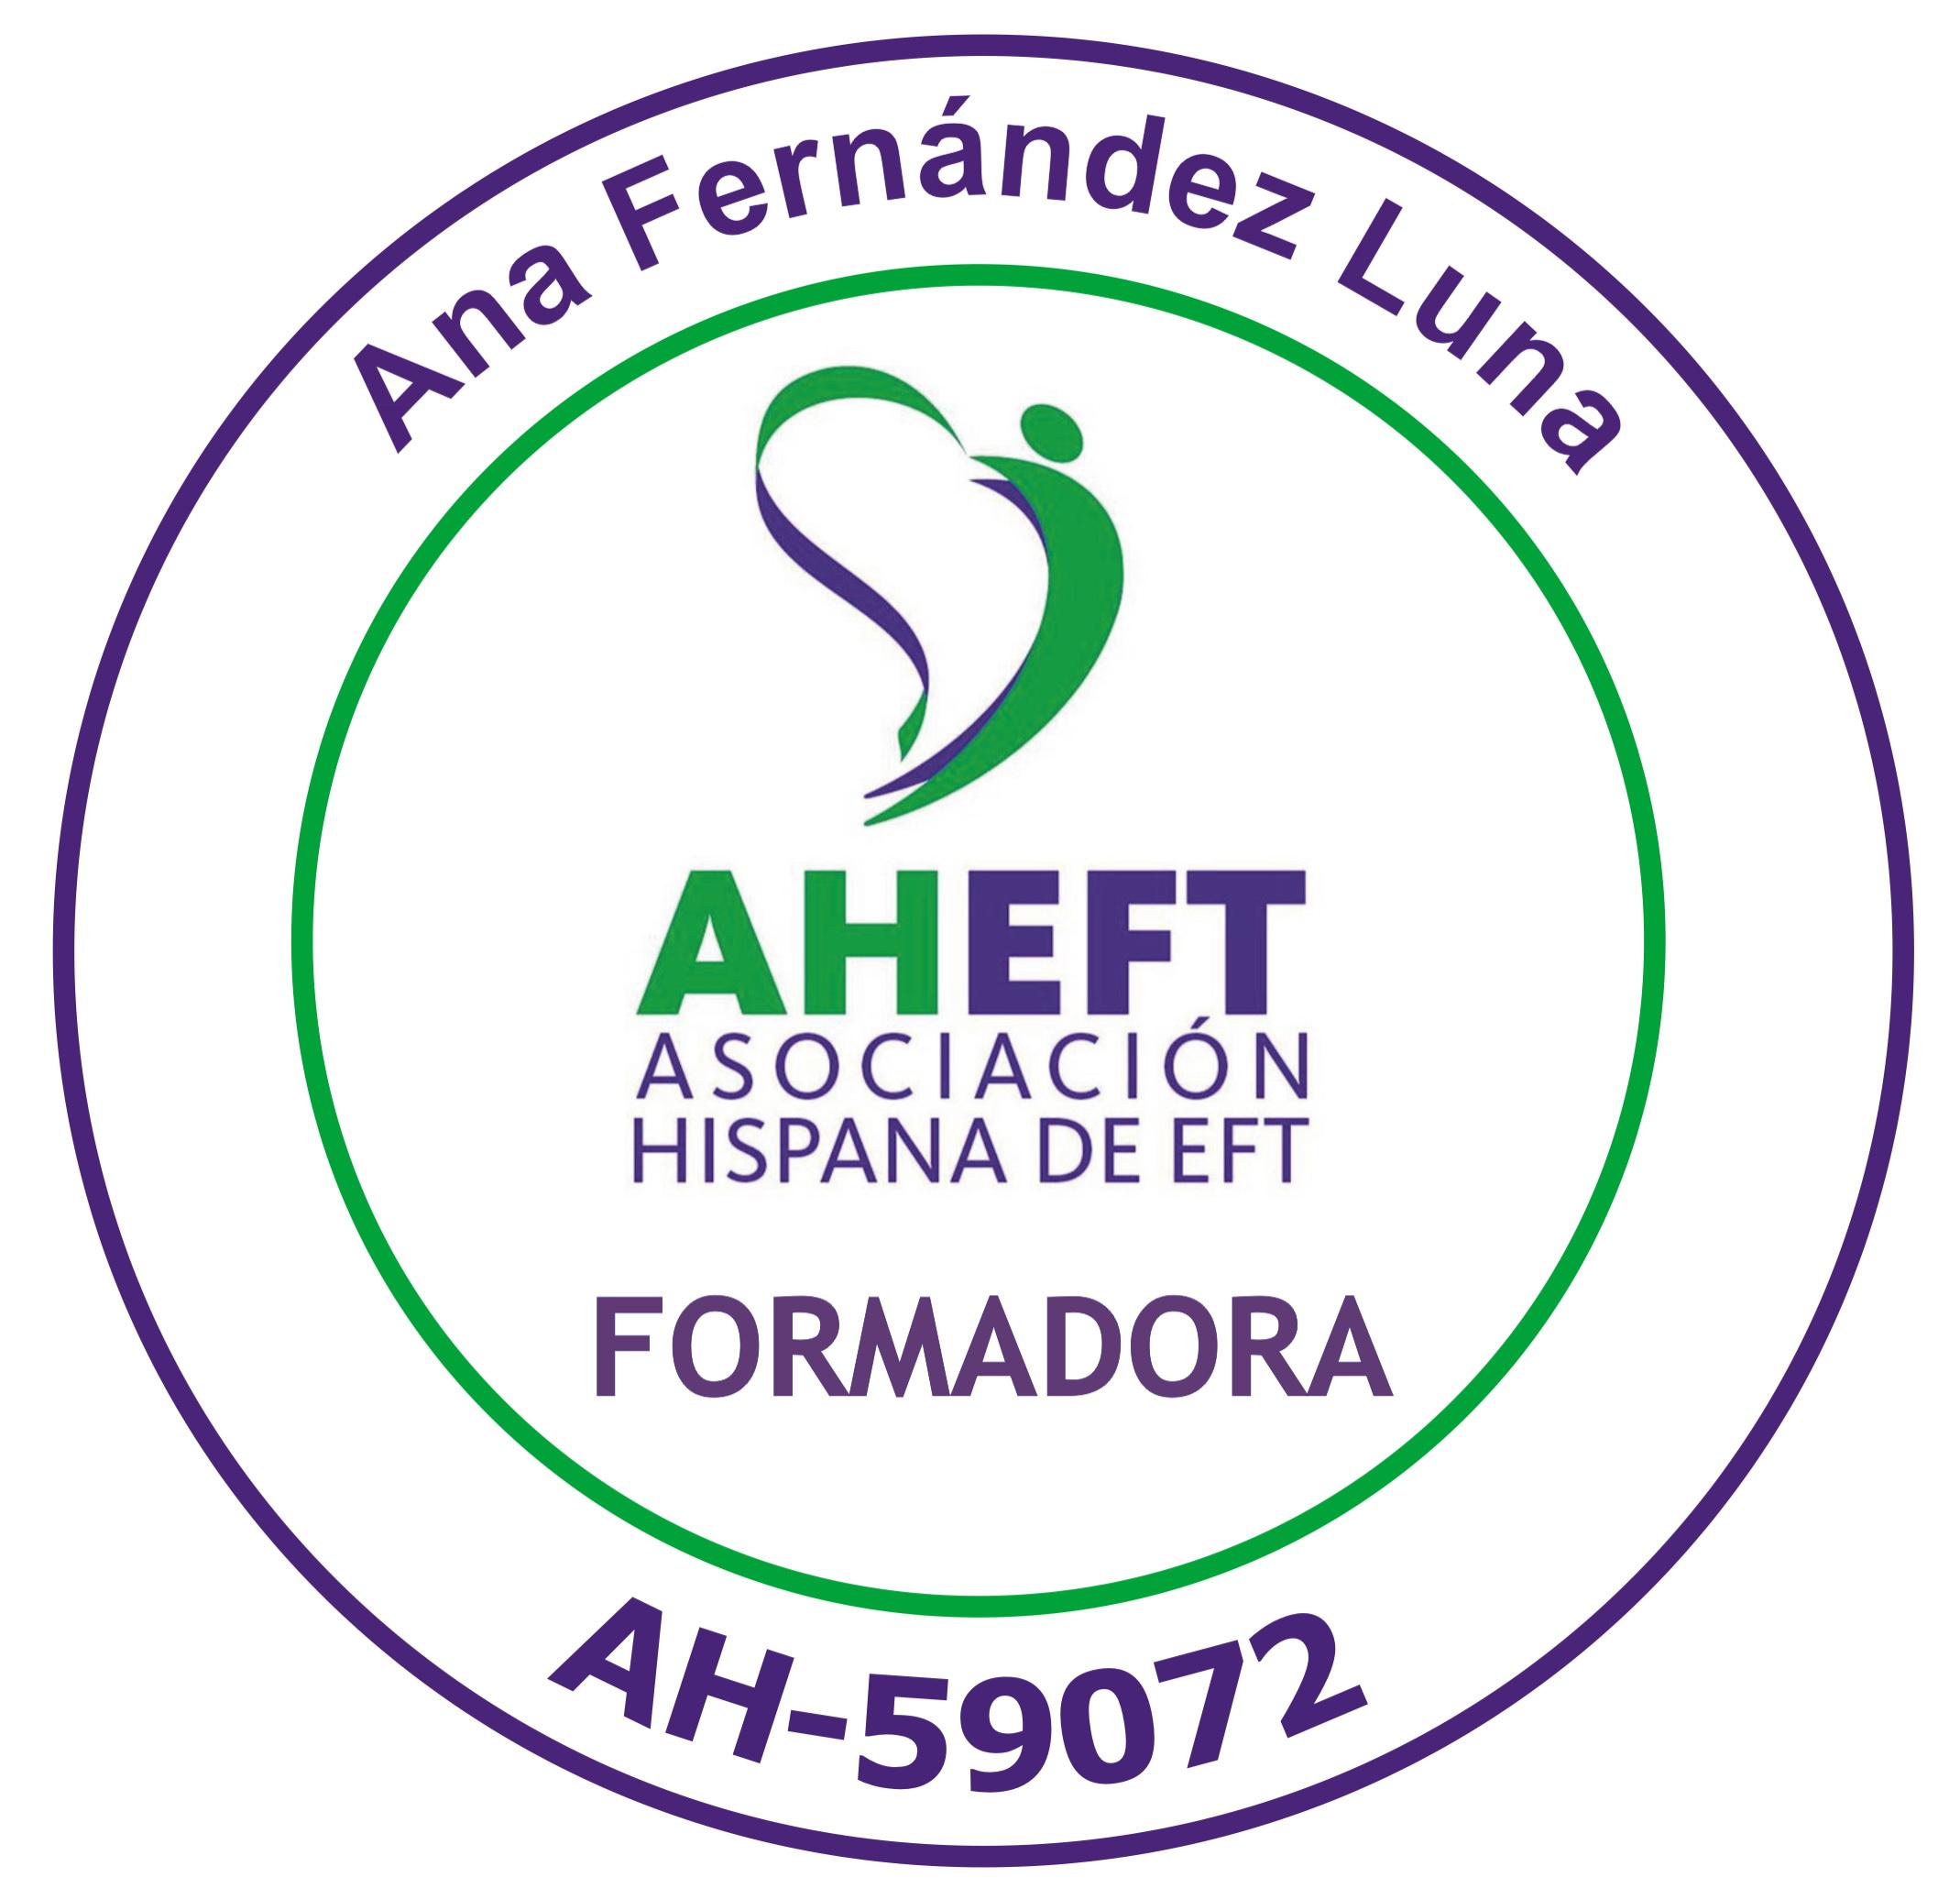 AHEFT